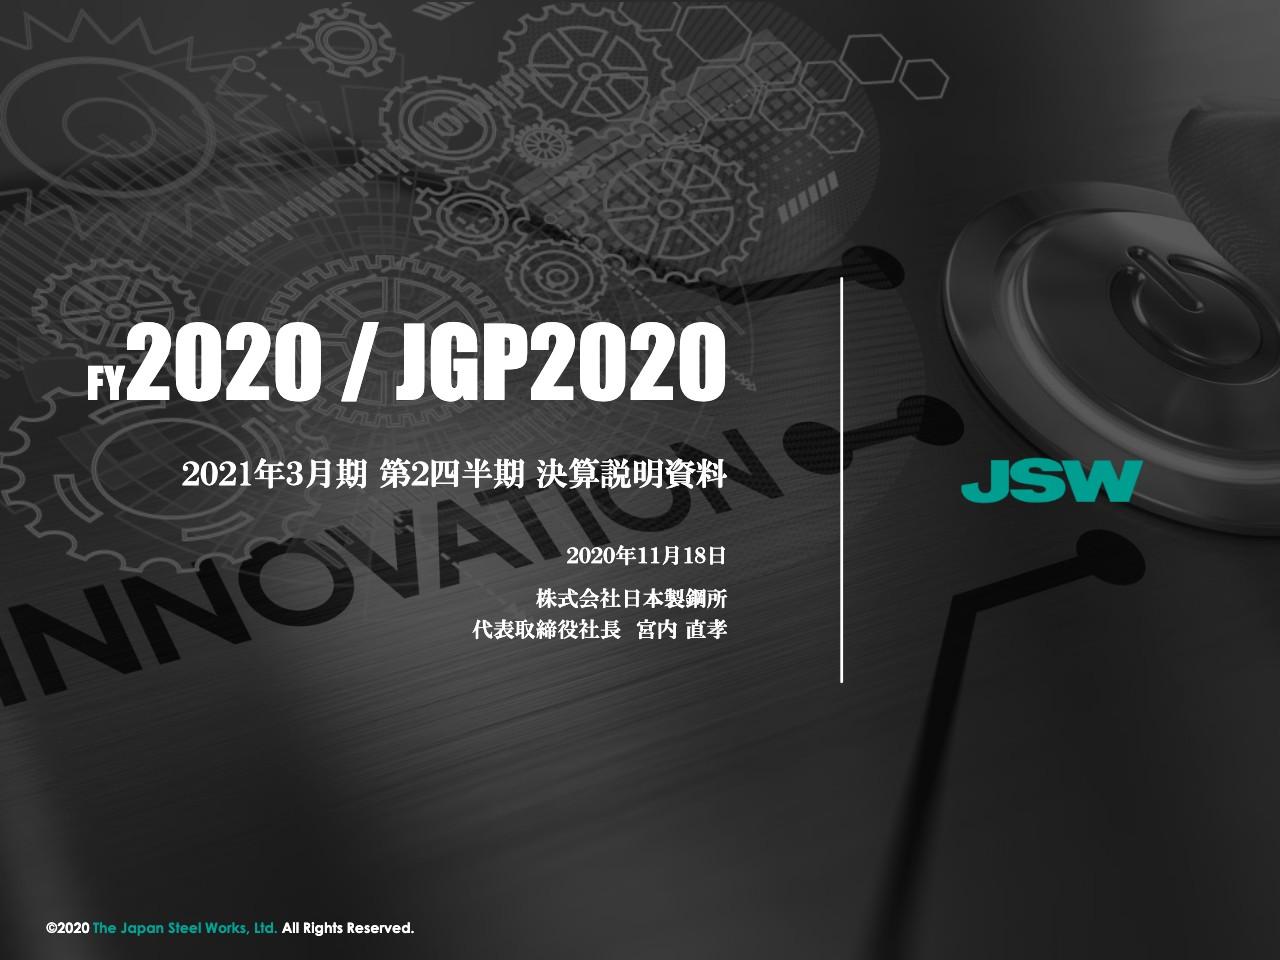 日本製鋼所、成形機の不振やエンジニアリング事業の低迷が響き2Qの営業利益は前年比64億円減